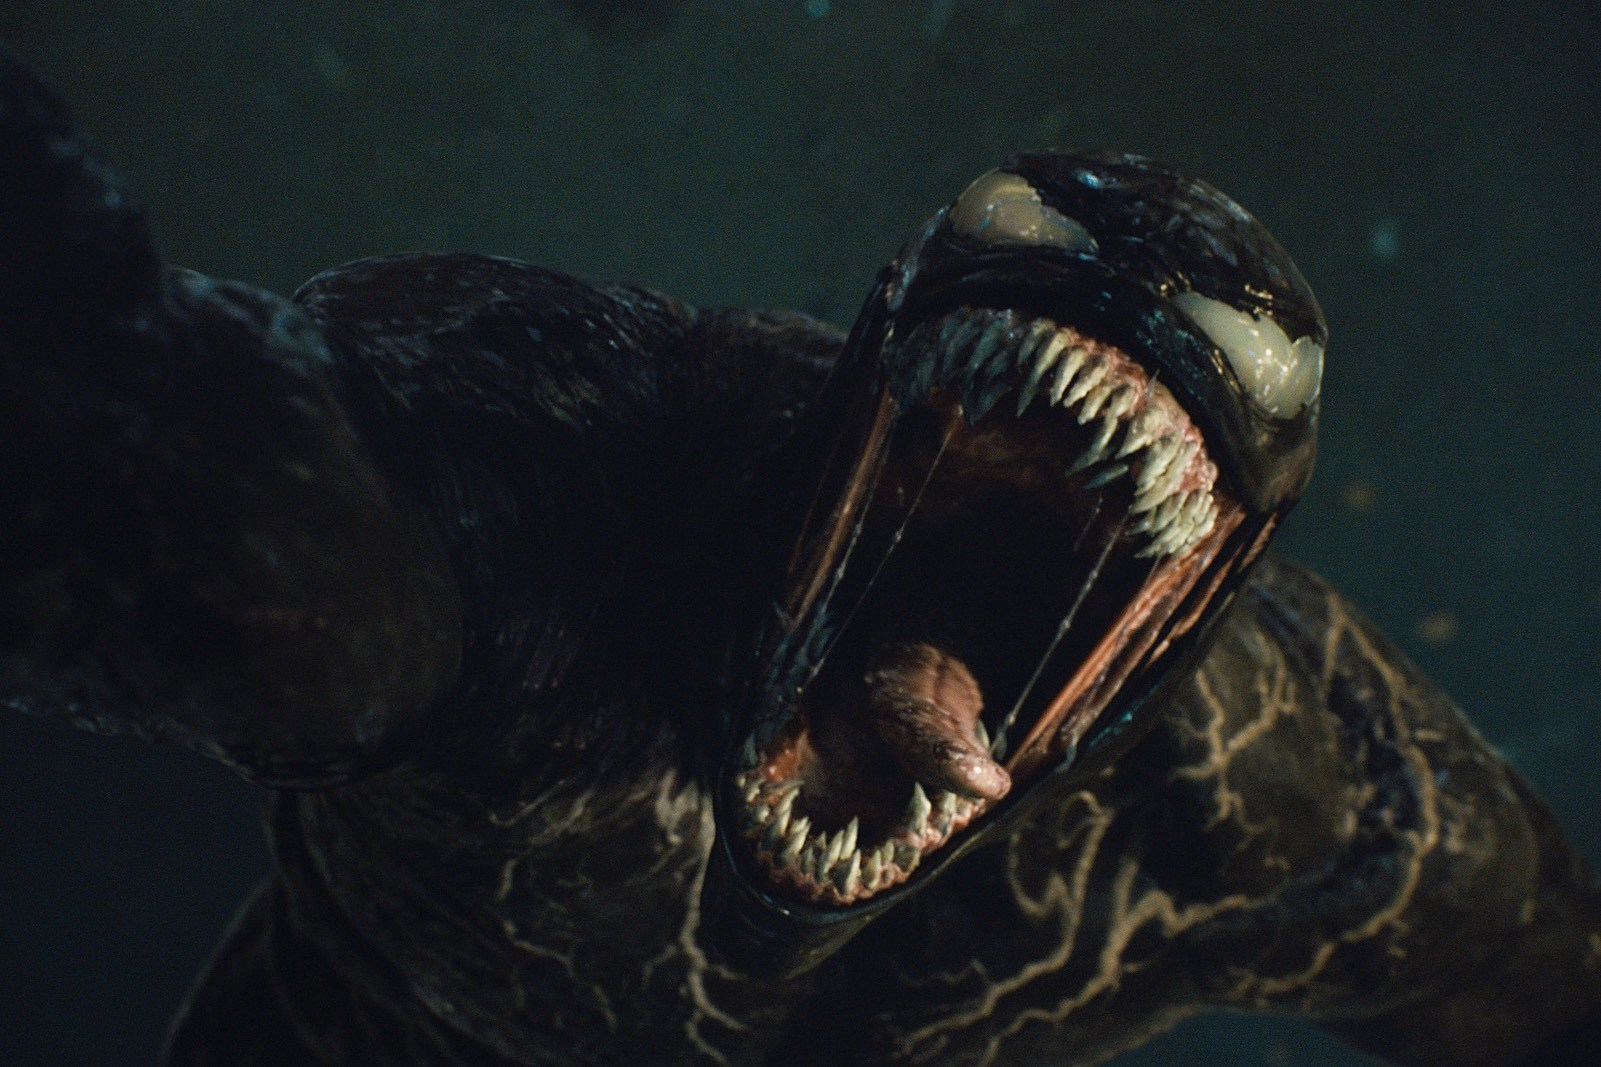 Venom in VENOM: LET THERE BE CARNAGE.